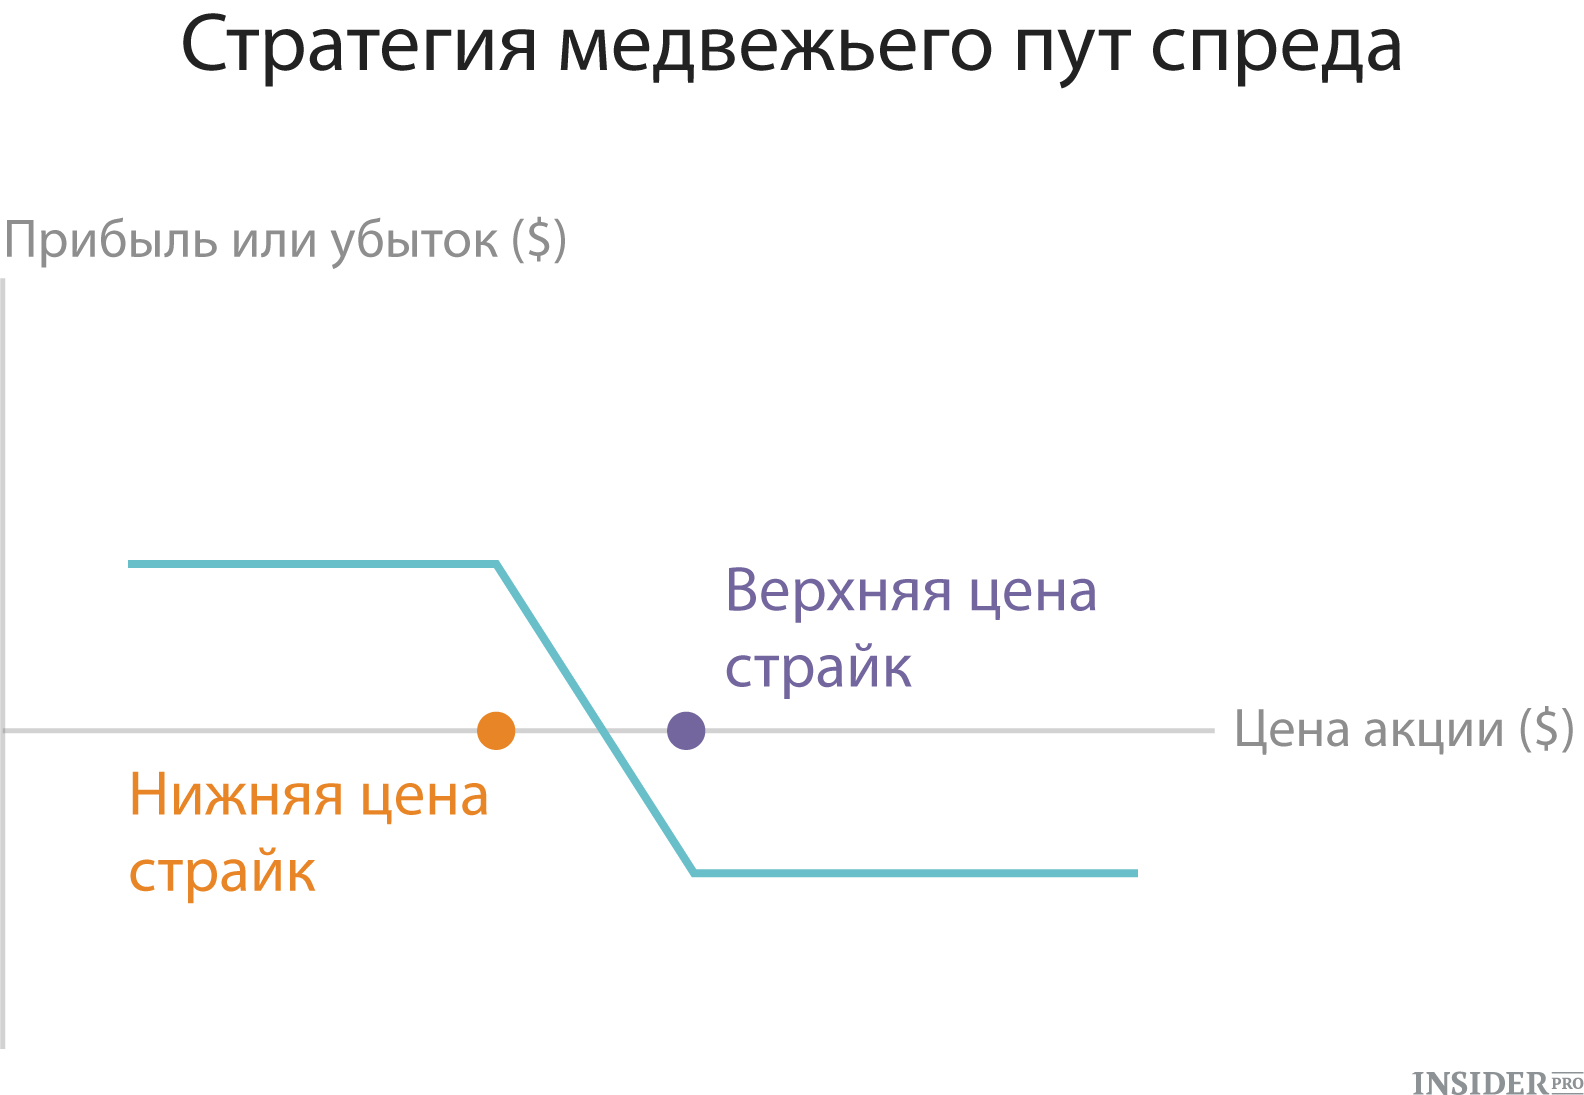 peļņas stratēģijas iespējas situācija binārajās opcijās